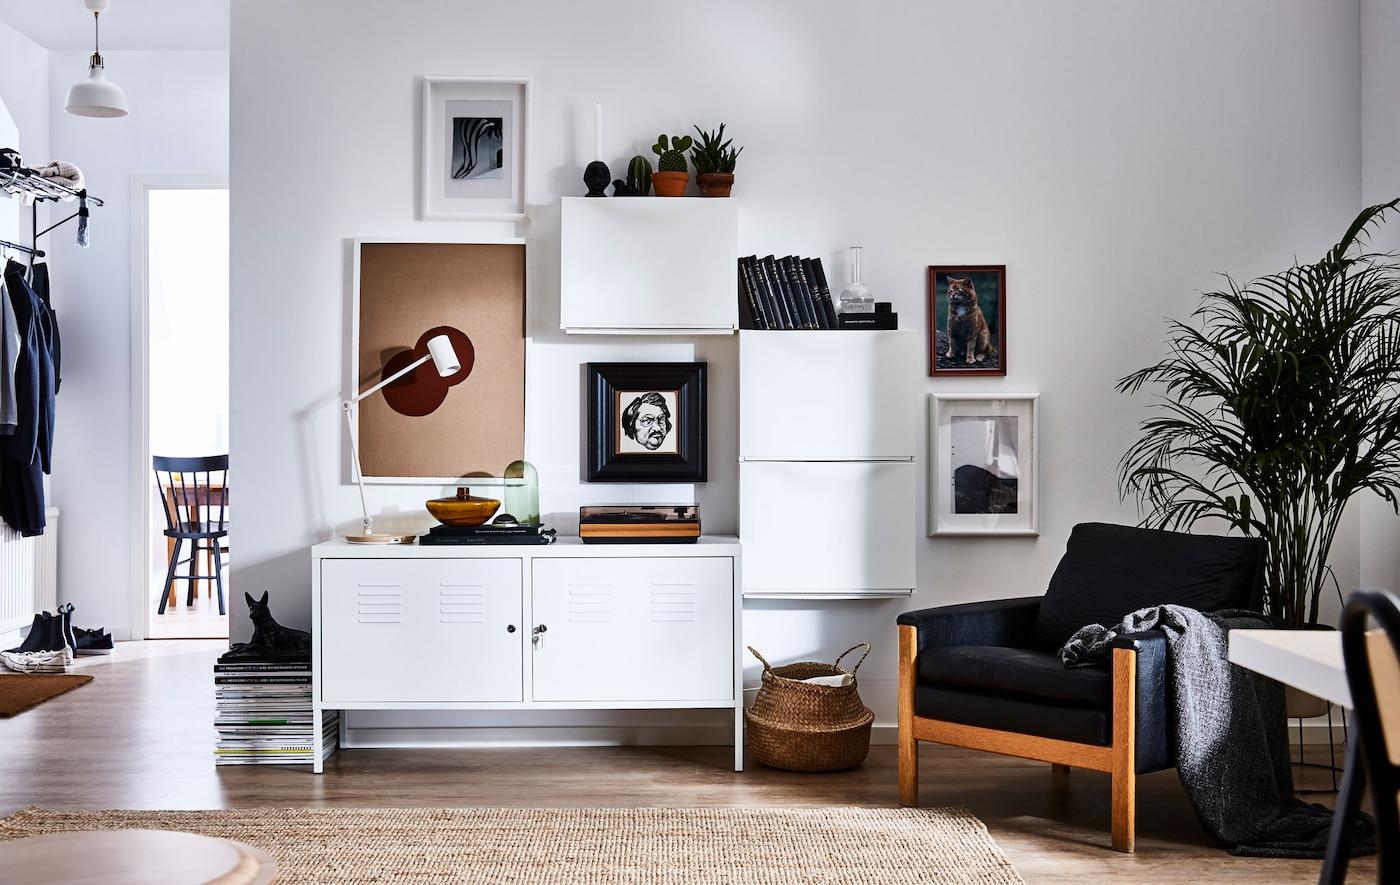 Modernes Wohnzimmer, in dem an einer Wand drei TRONES Aufbewahrungen in Weiss als Blickfang platziert sind.